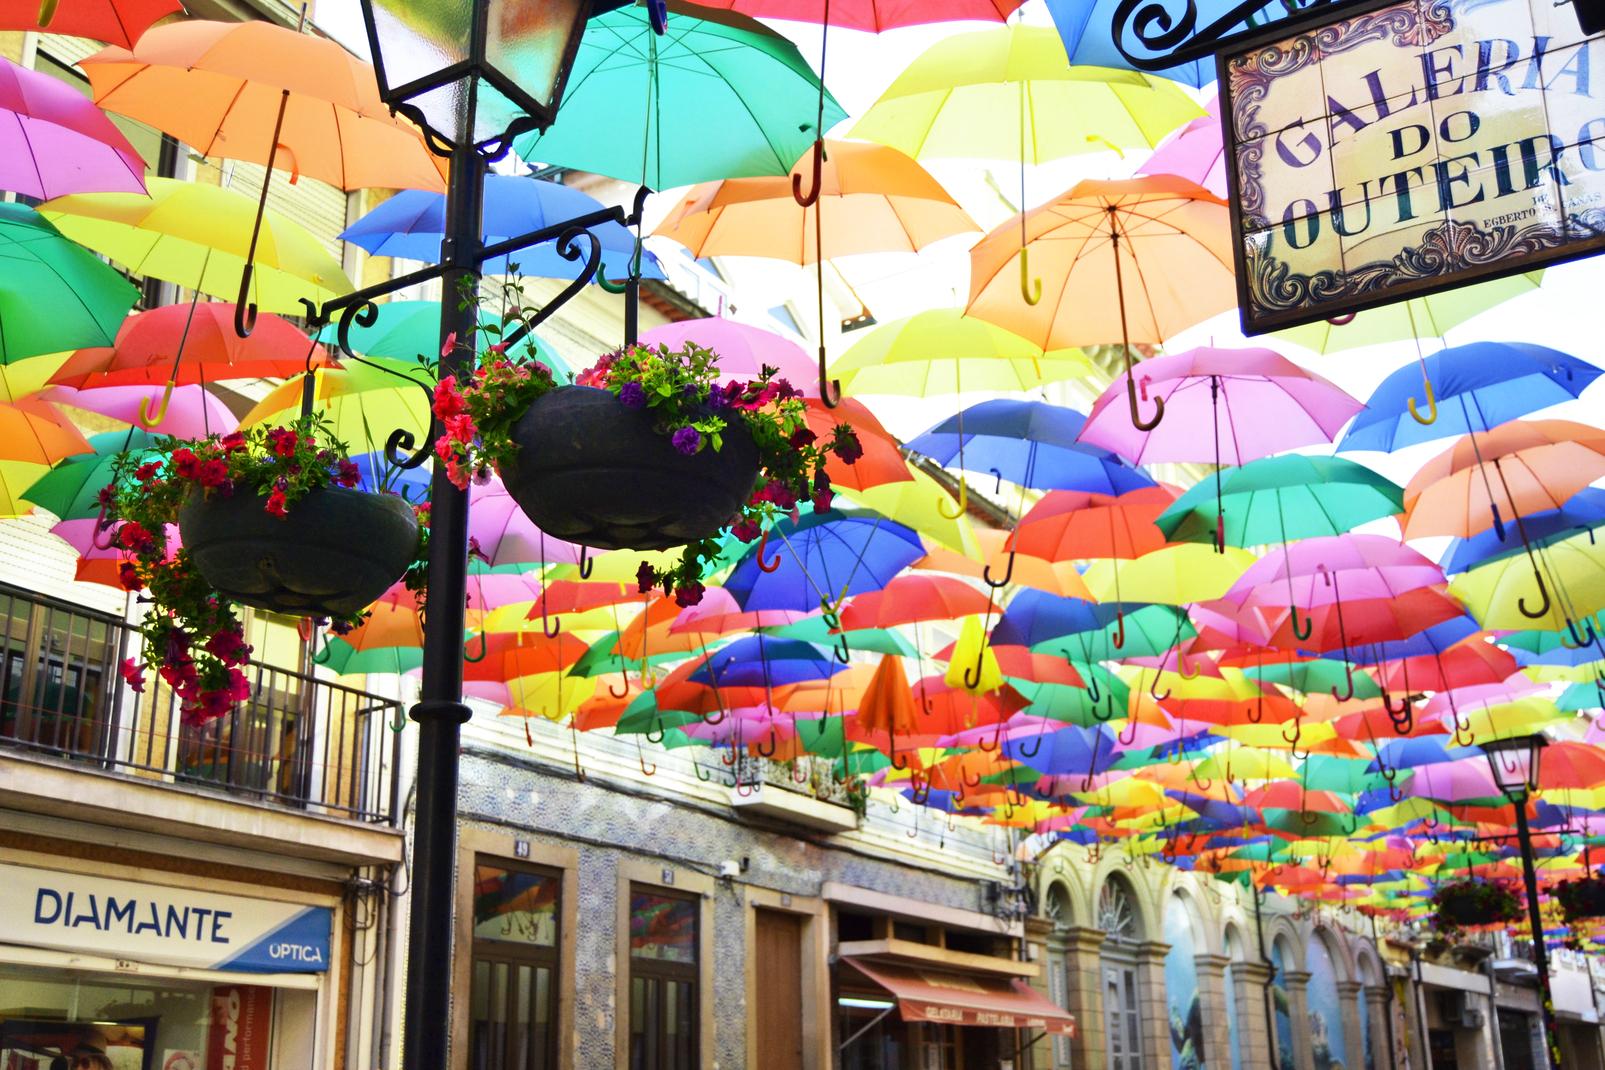 Umbrella Sky Project - Águeda'15